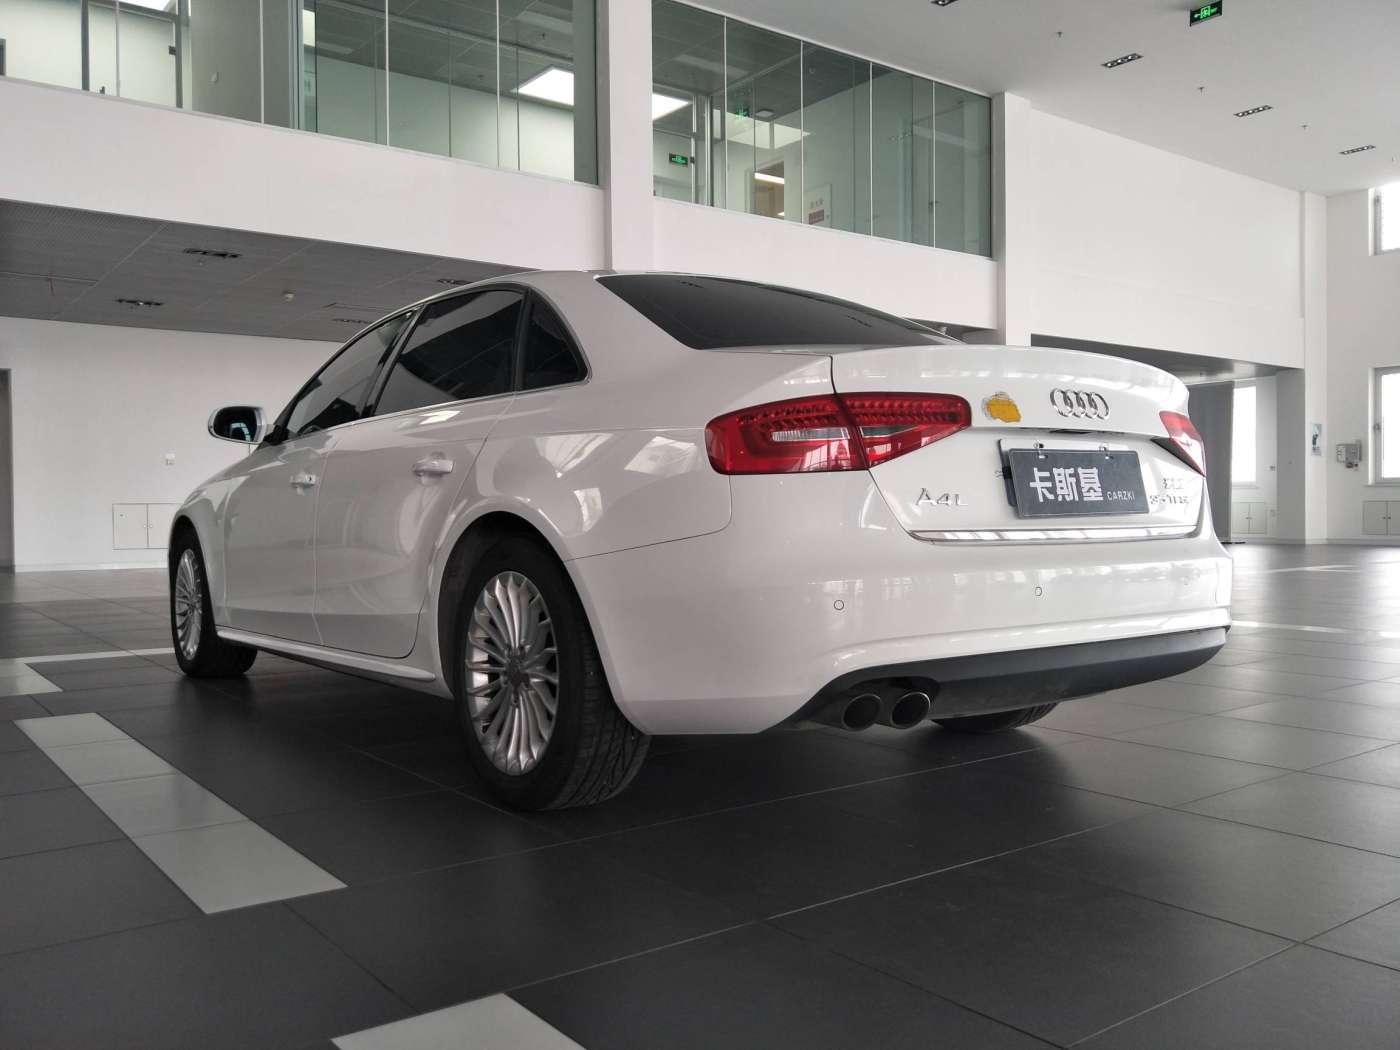 2015年01月 奥迪A4L 2015款 35 TFSI 自动舒适型|甄选奥迪-北京卡斯基汽车服务有限公司